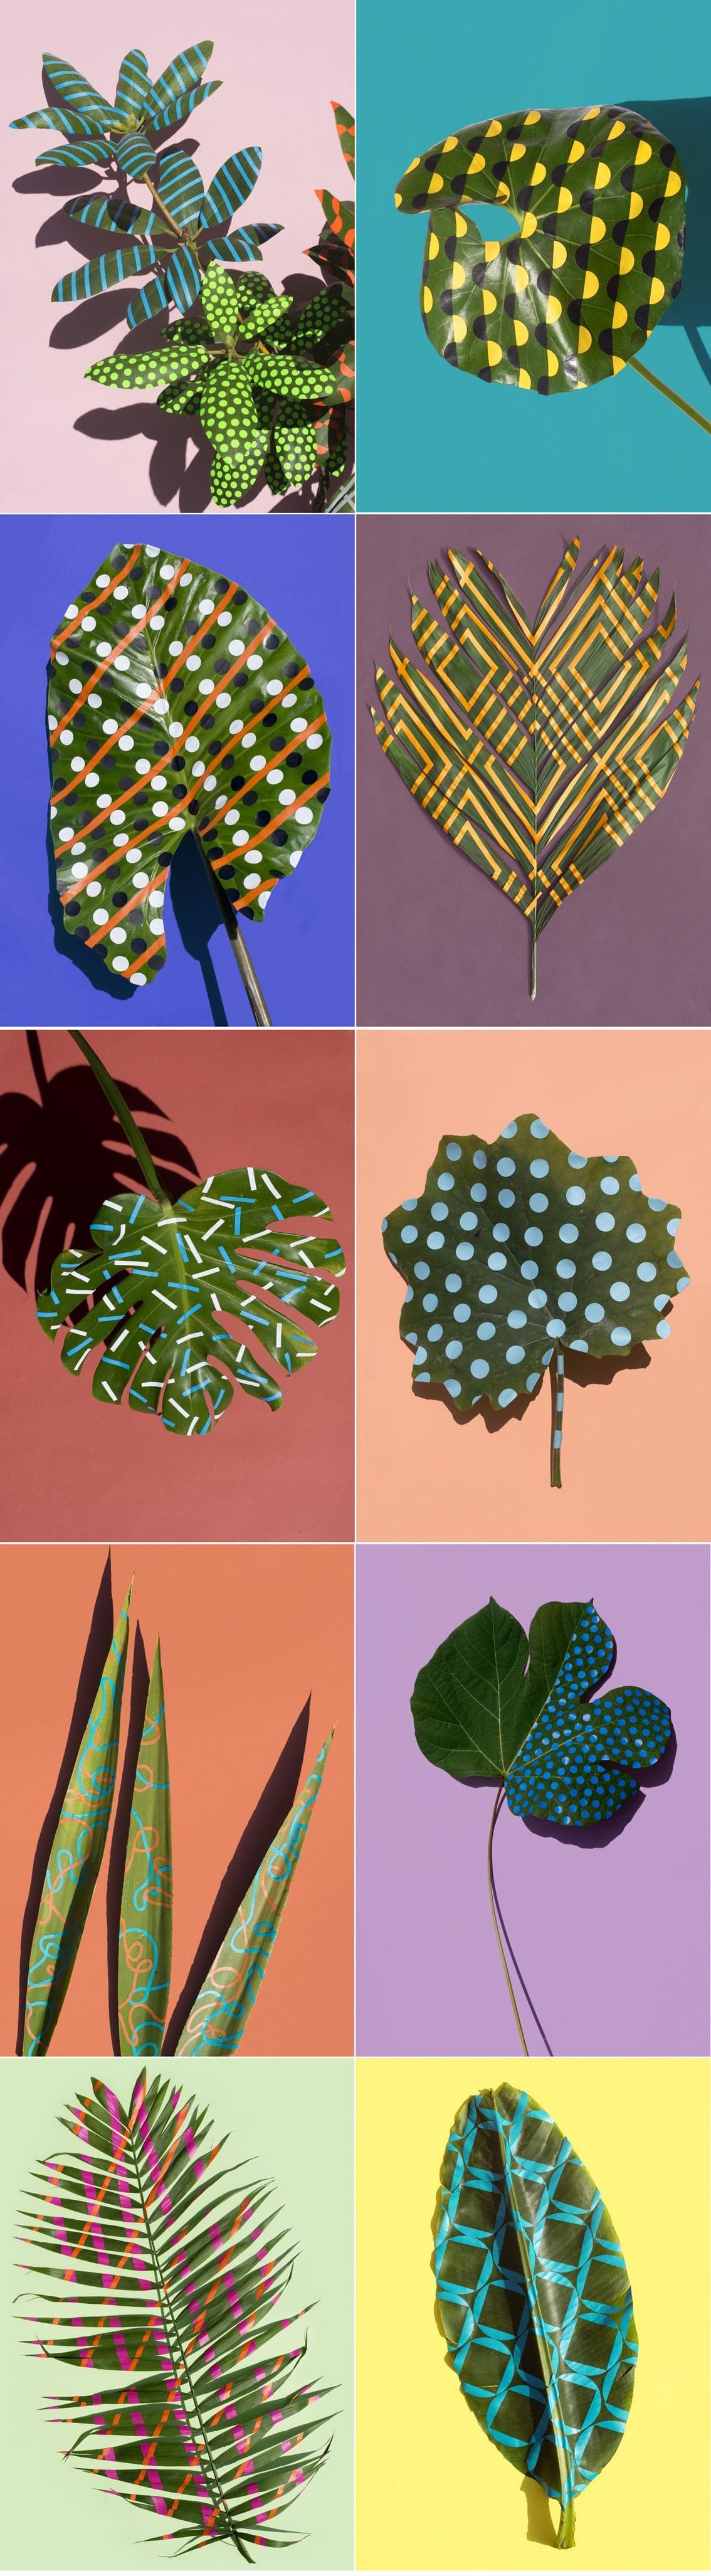 Plantas tropicais com releitura pop art de Sarah Illenberger stylo urbano